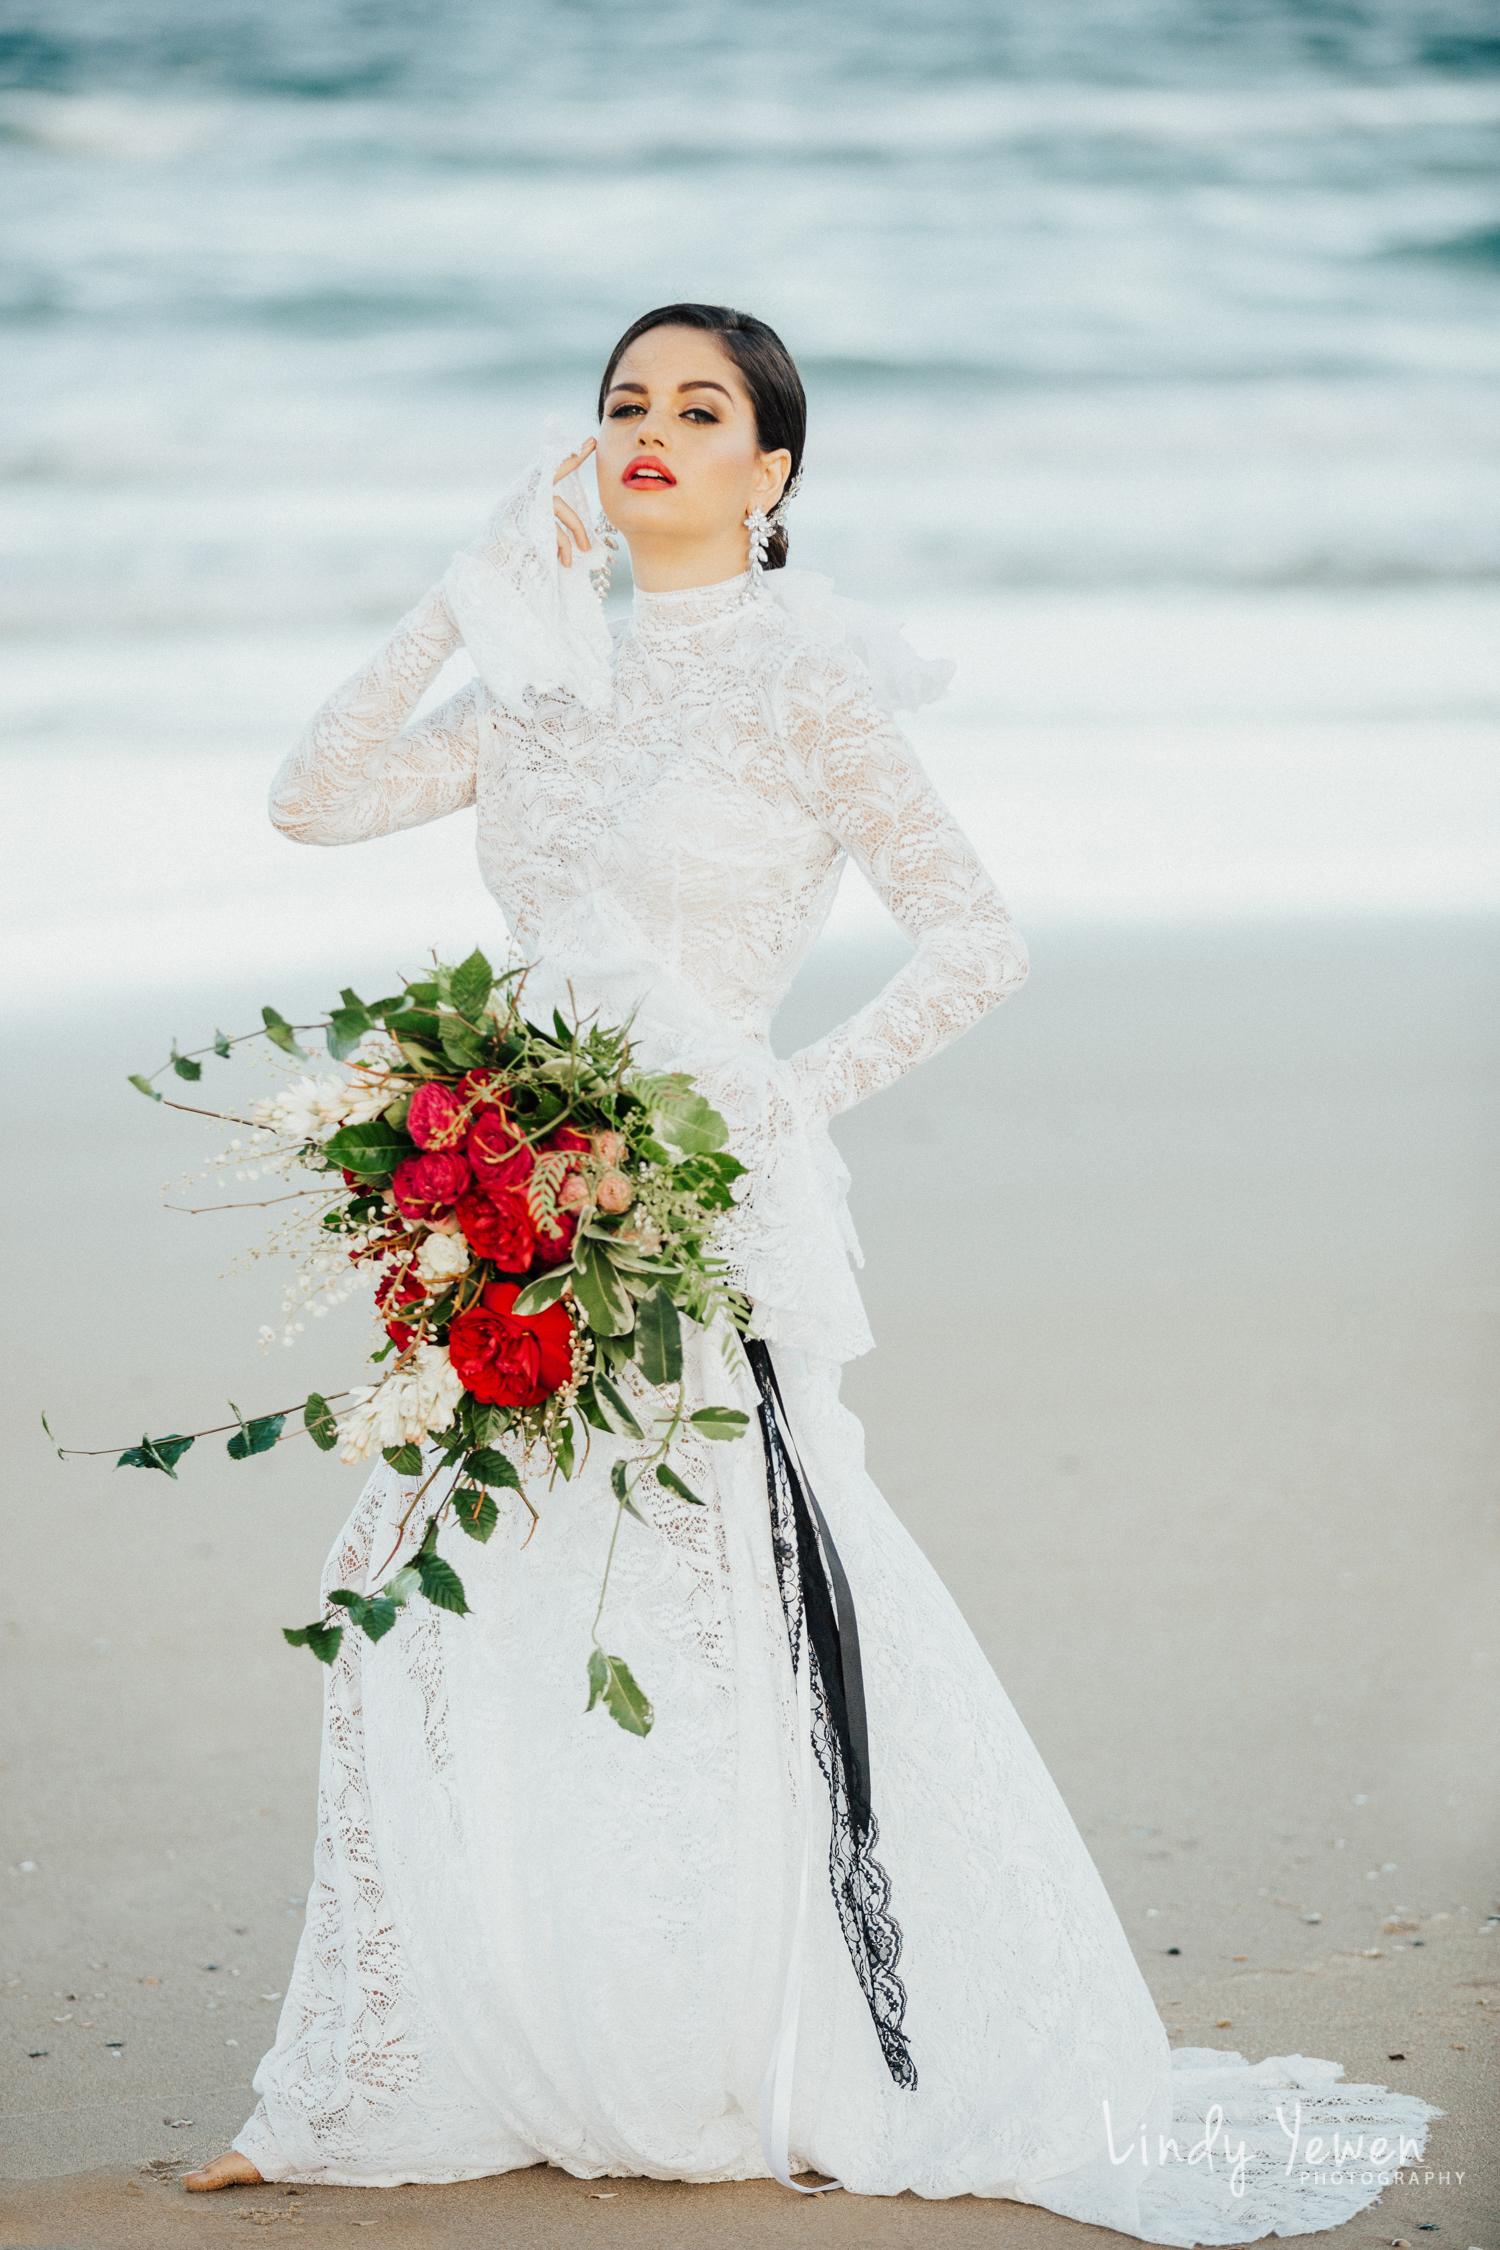 Lindy-Yewen-Photography-Spanish-Wedding 197.jpg